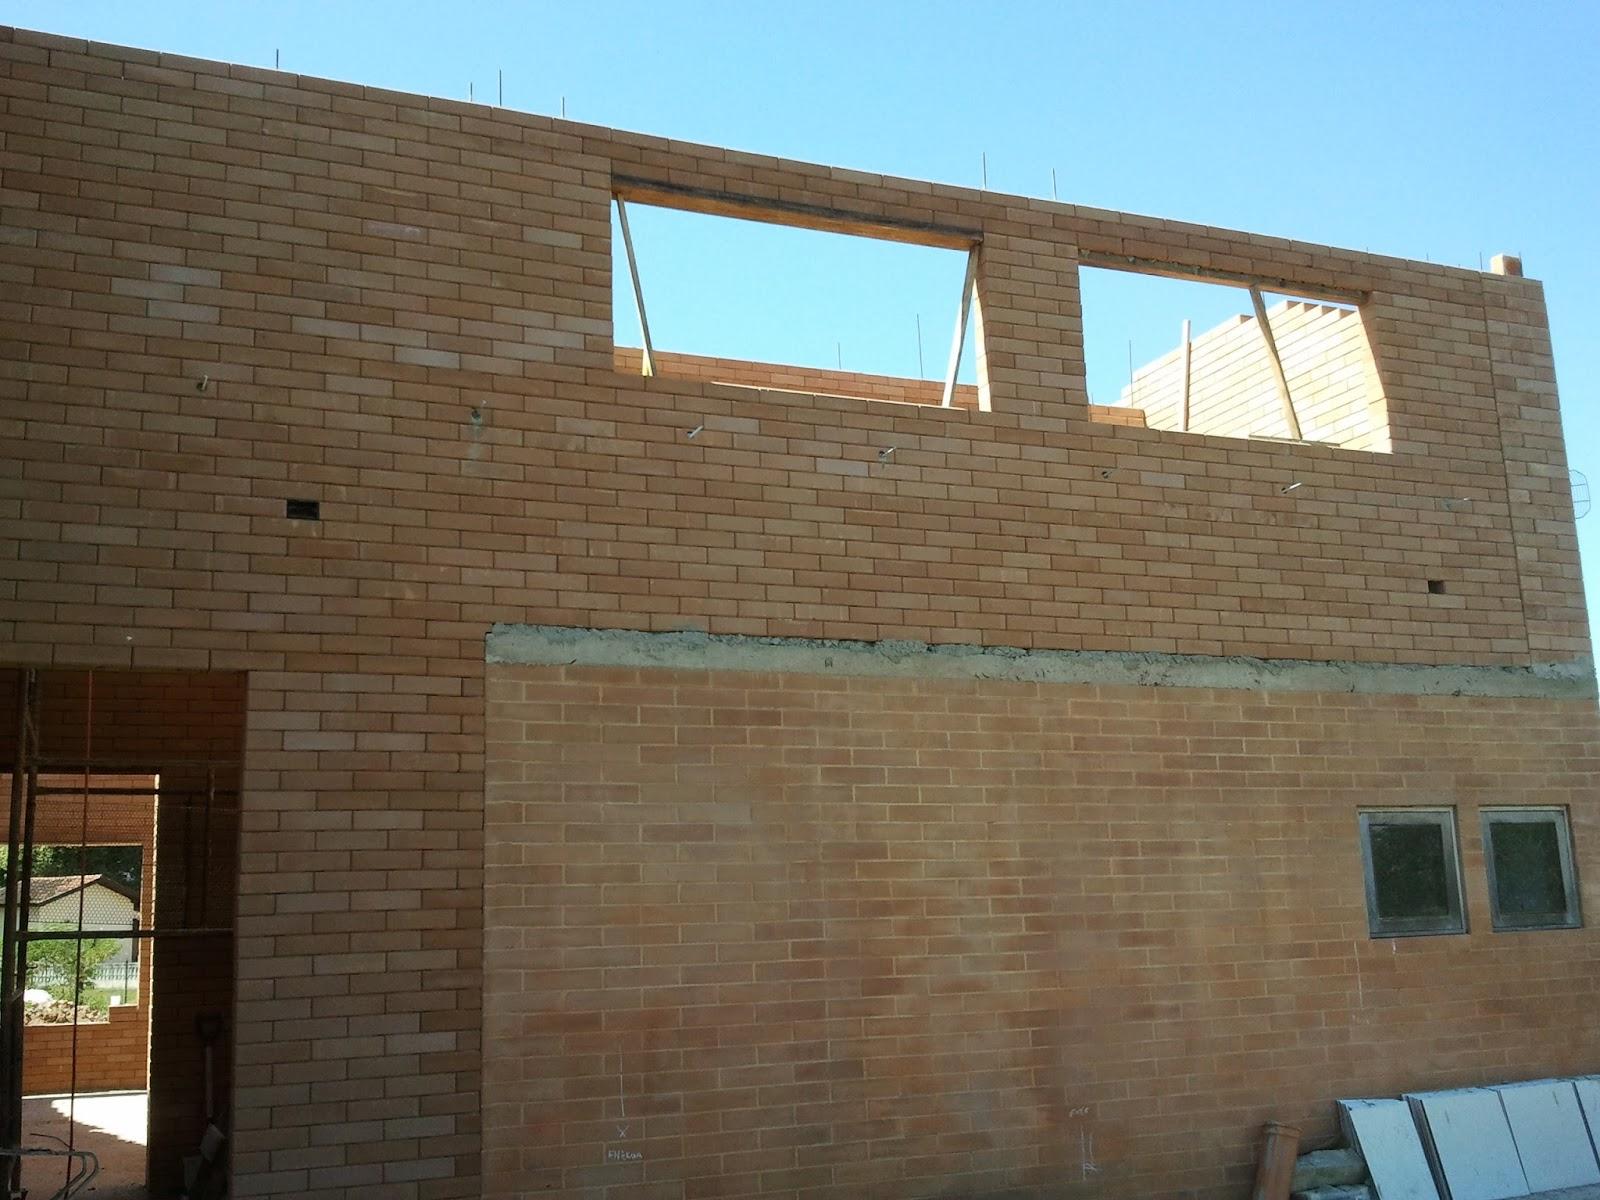 Construindo e Ampliando com Tijolo Solo cimento / Ecológico: Agosto  #0689C5 1600 1200